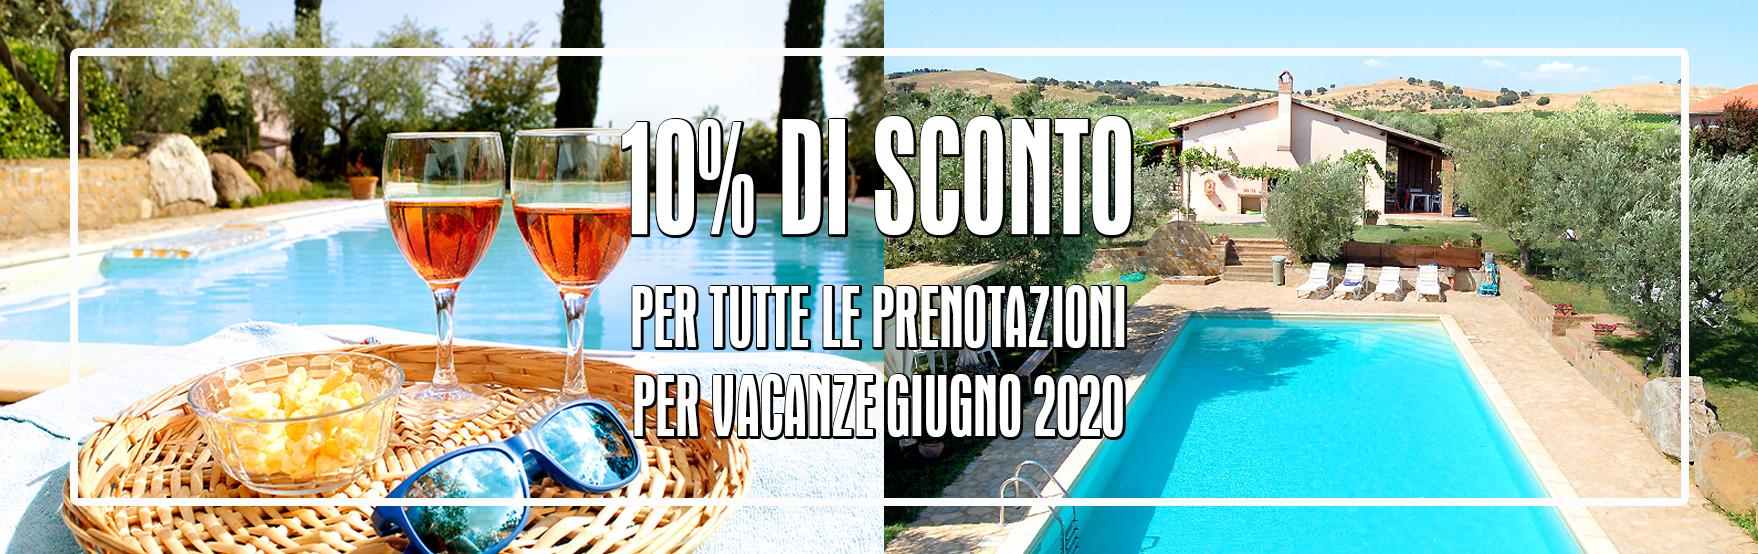 Offerta Agriturismo Maremma Toscana con Piscina Il Gaggiolo